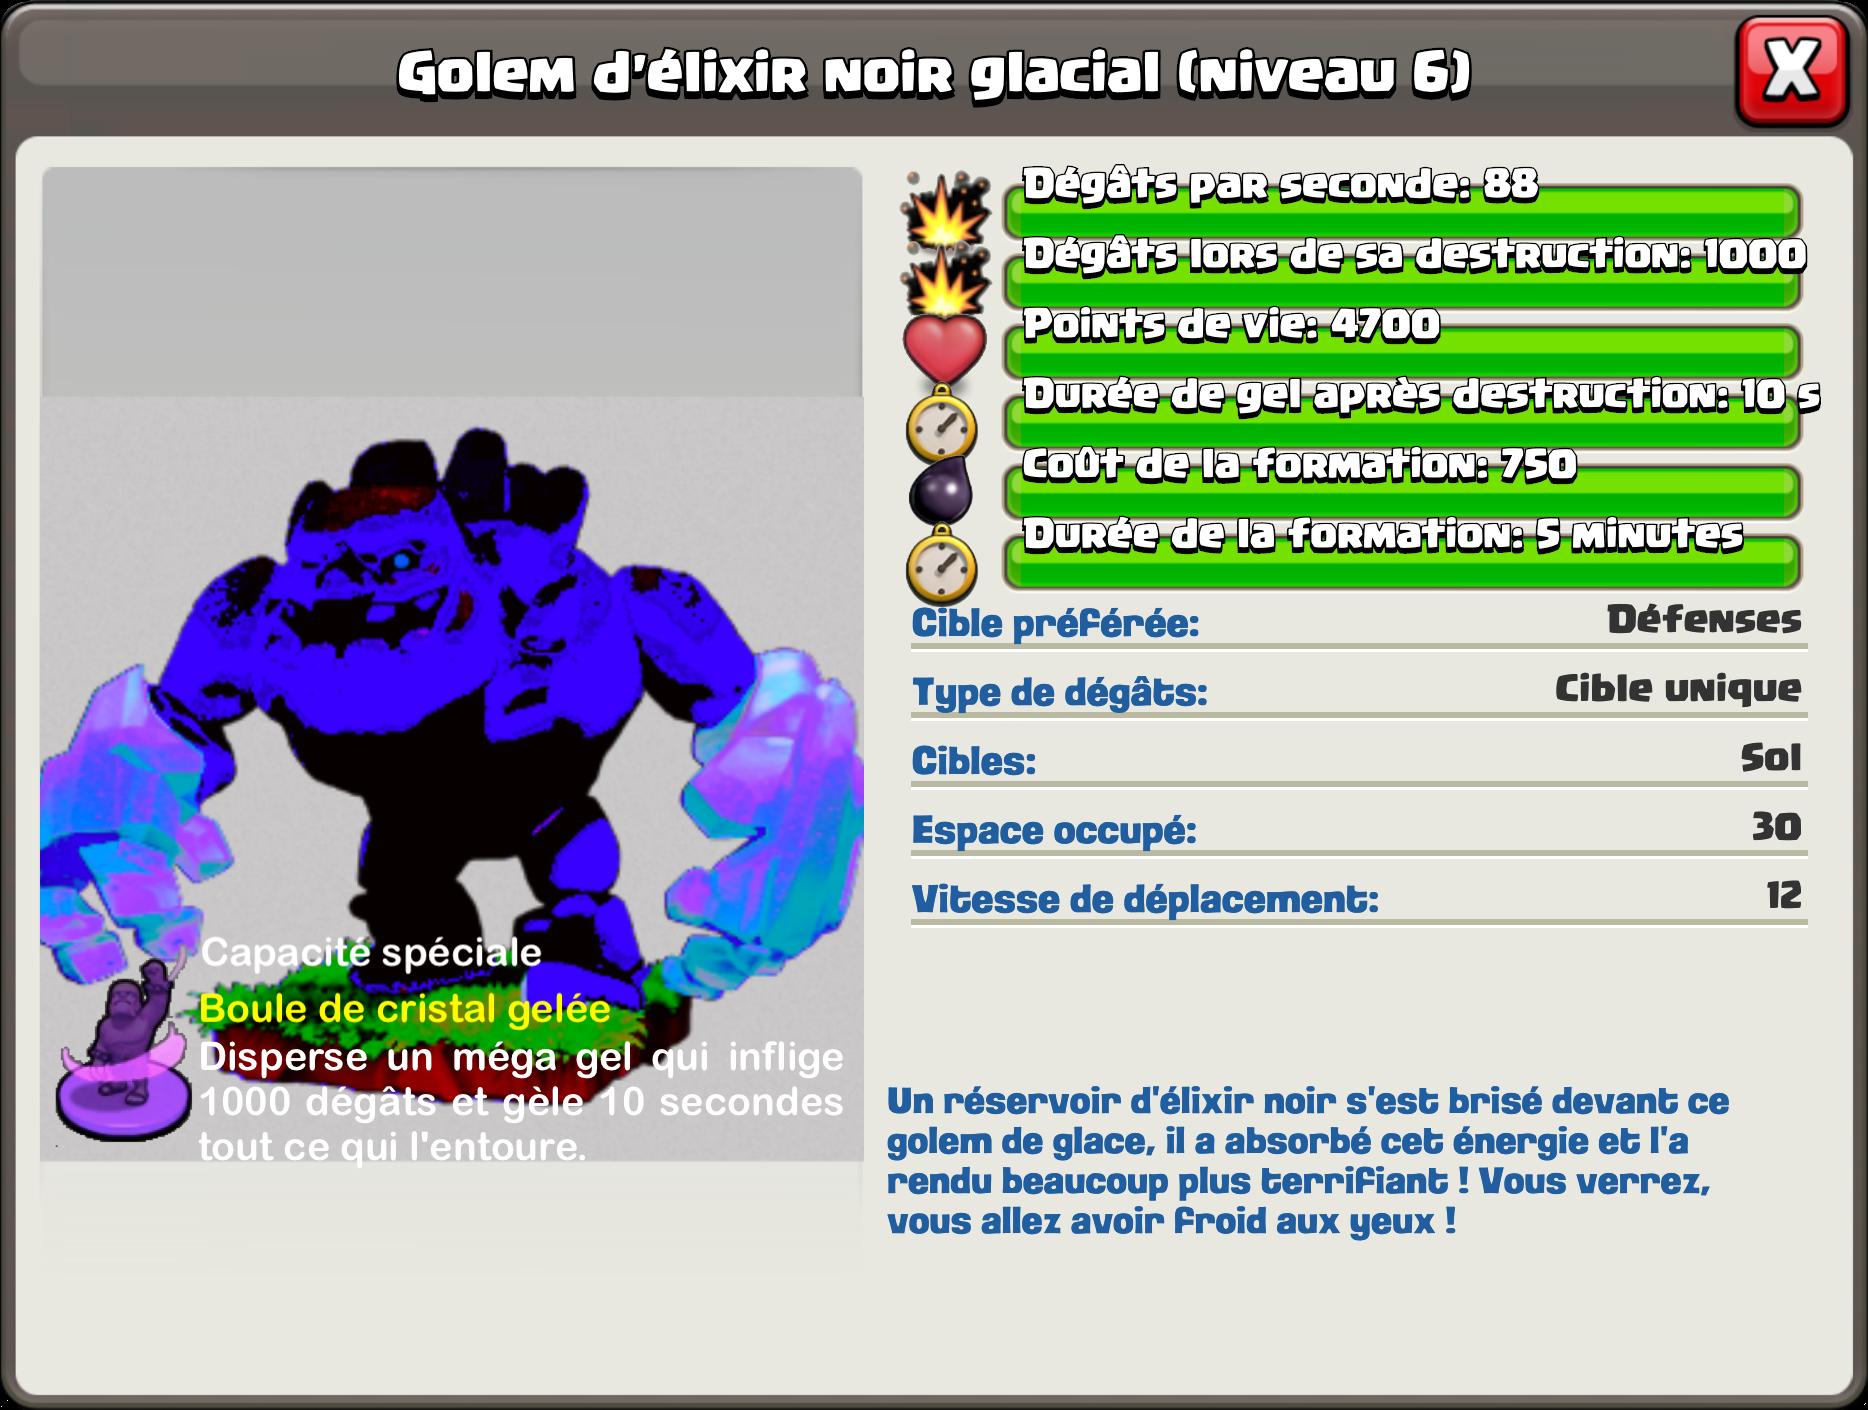 Level 6 Golem d'élixir noir glacial_FQ.png